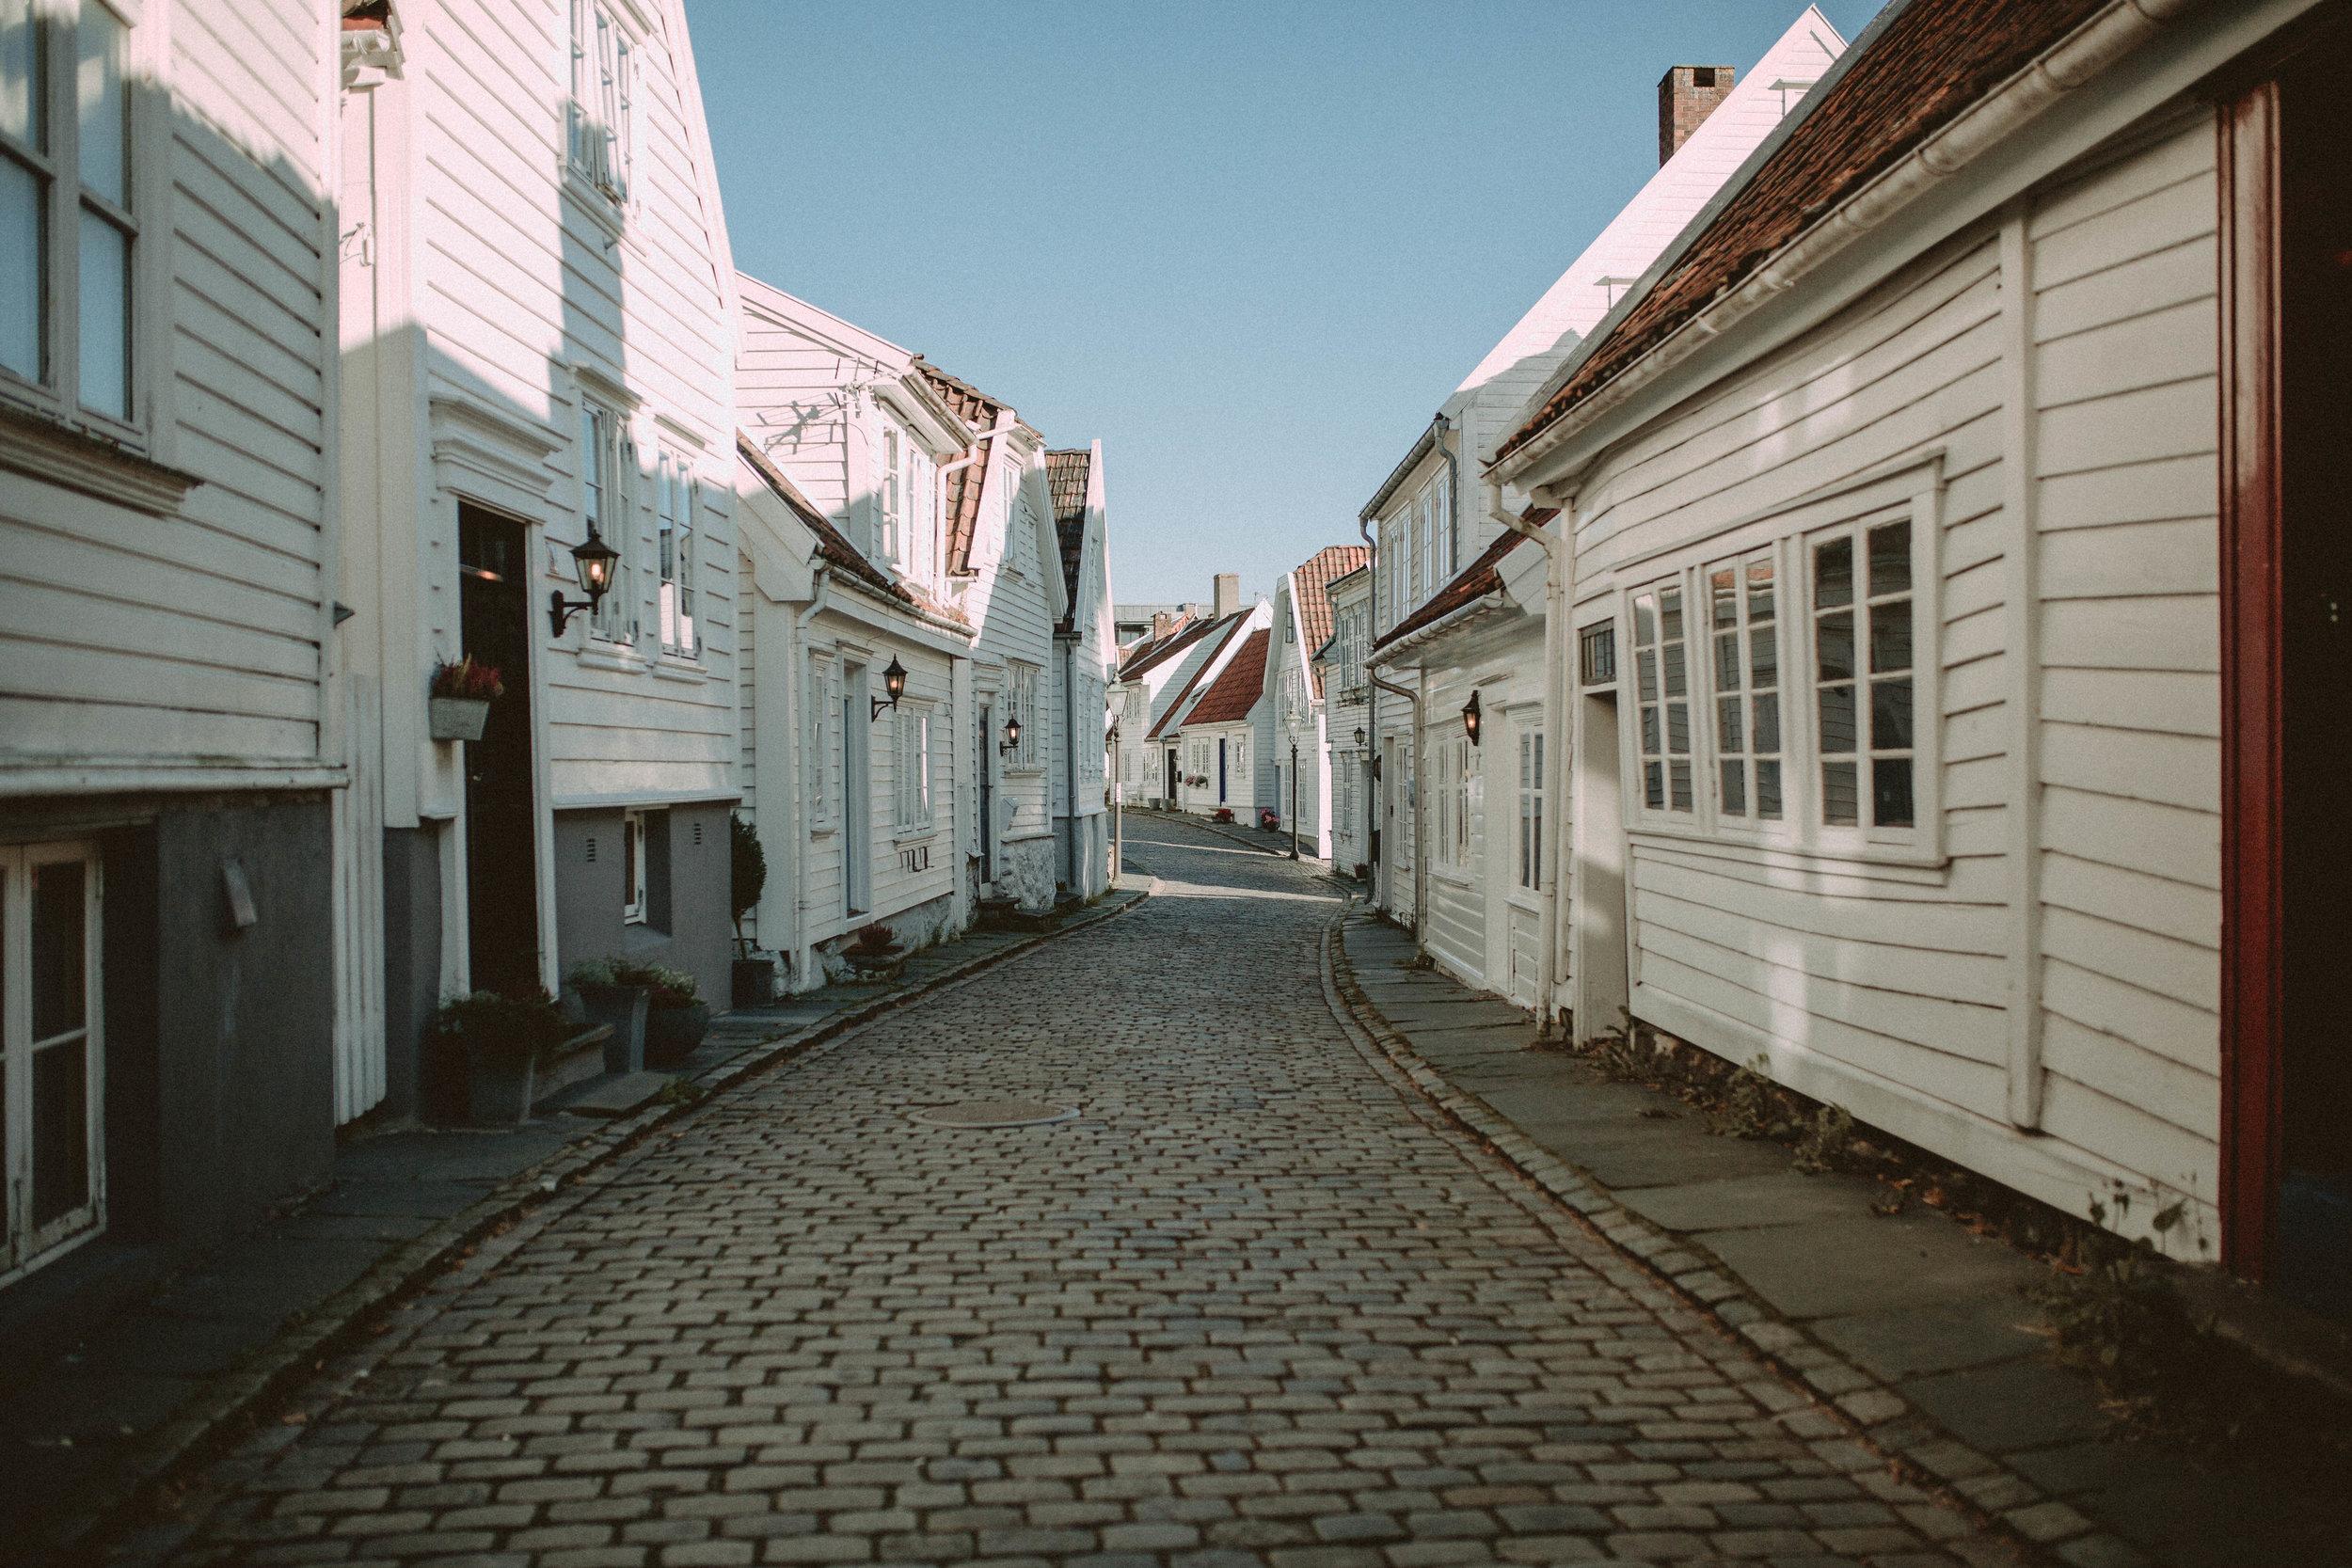 Stavanger_2017_09_02_030917-_CMB.jpg